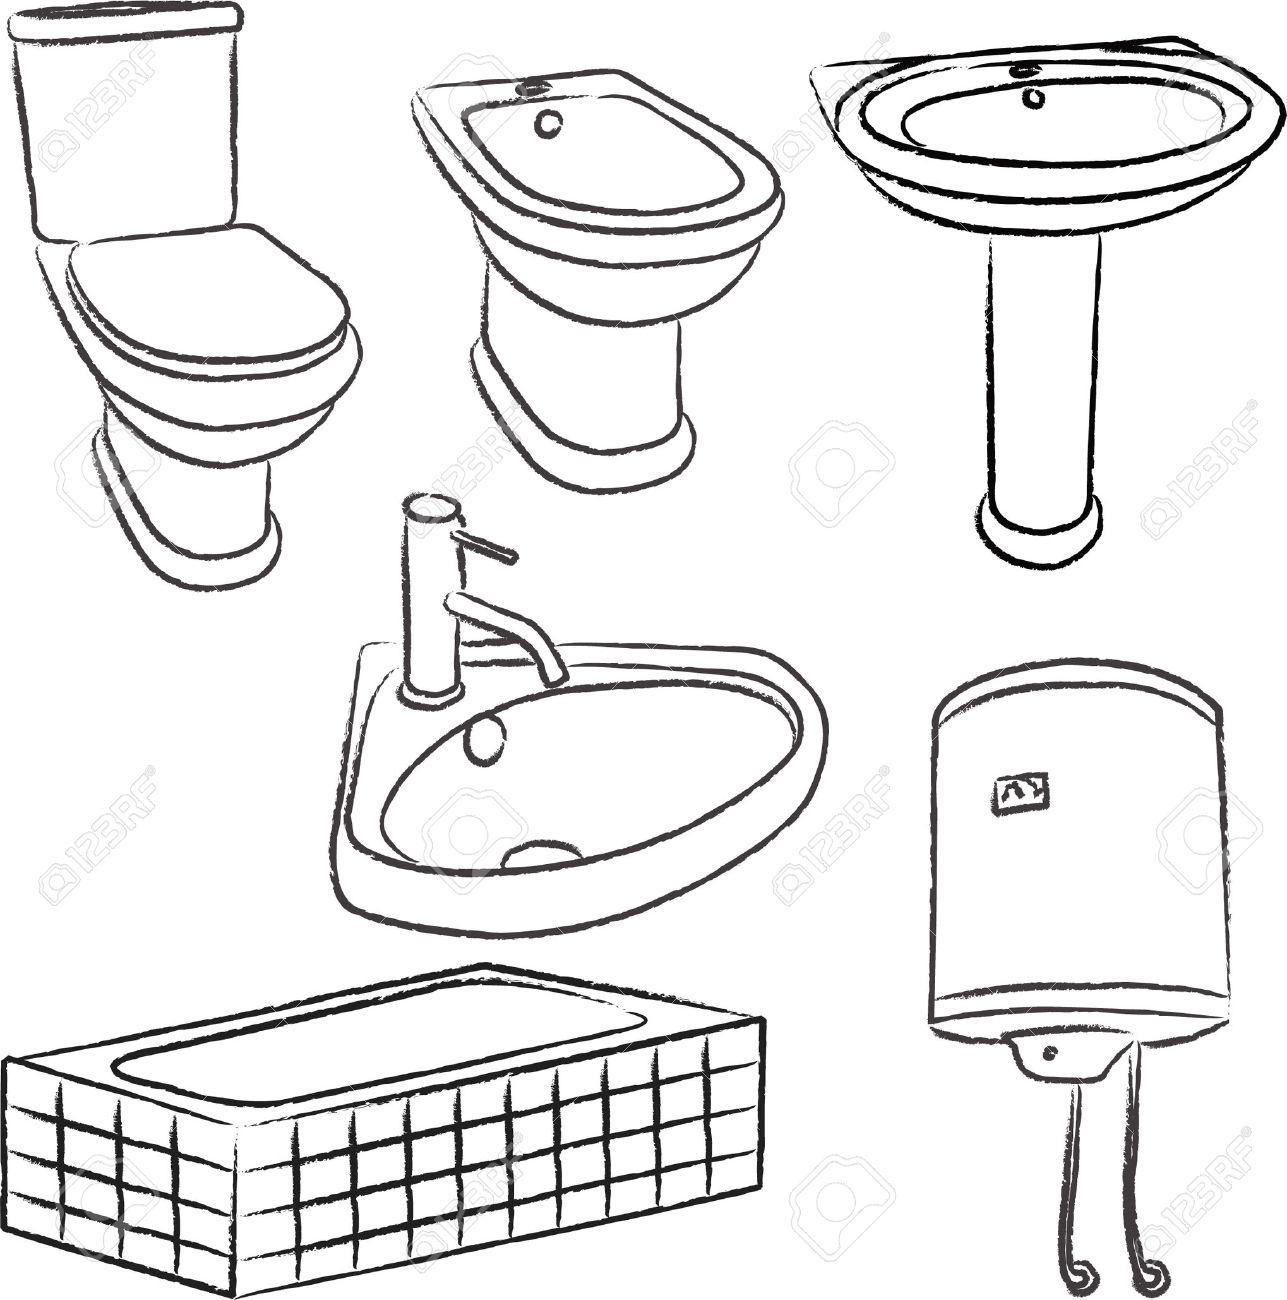 Bathroom sink drawing - Download